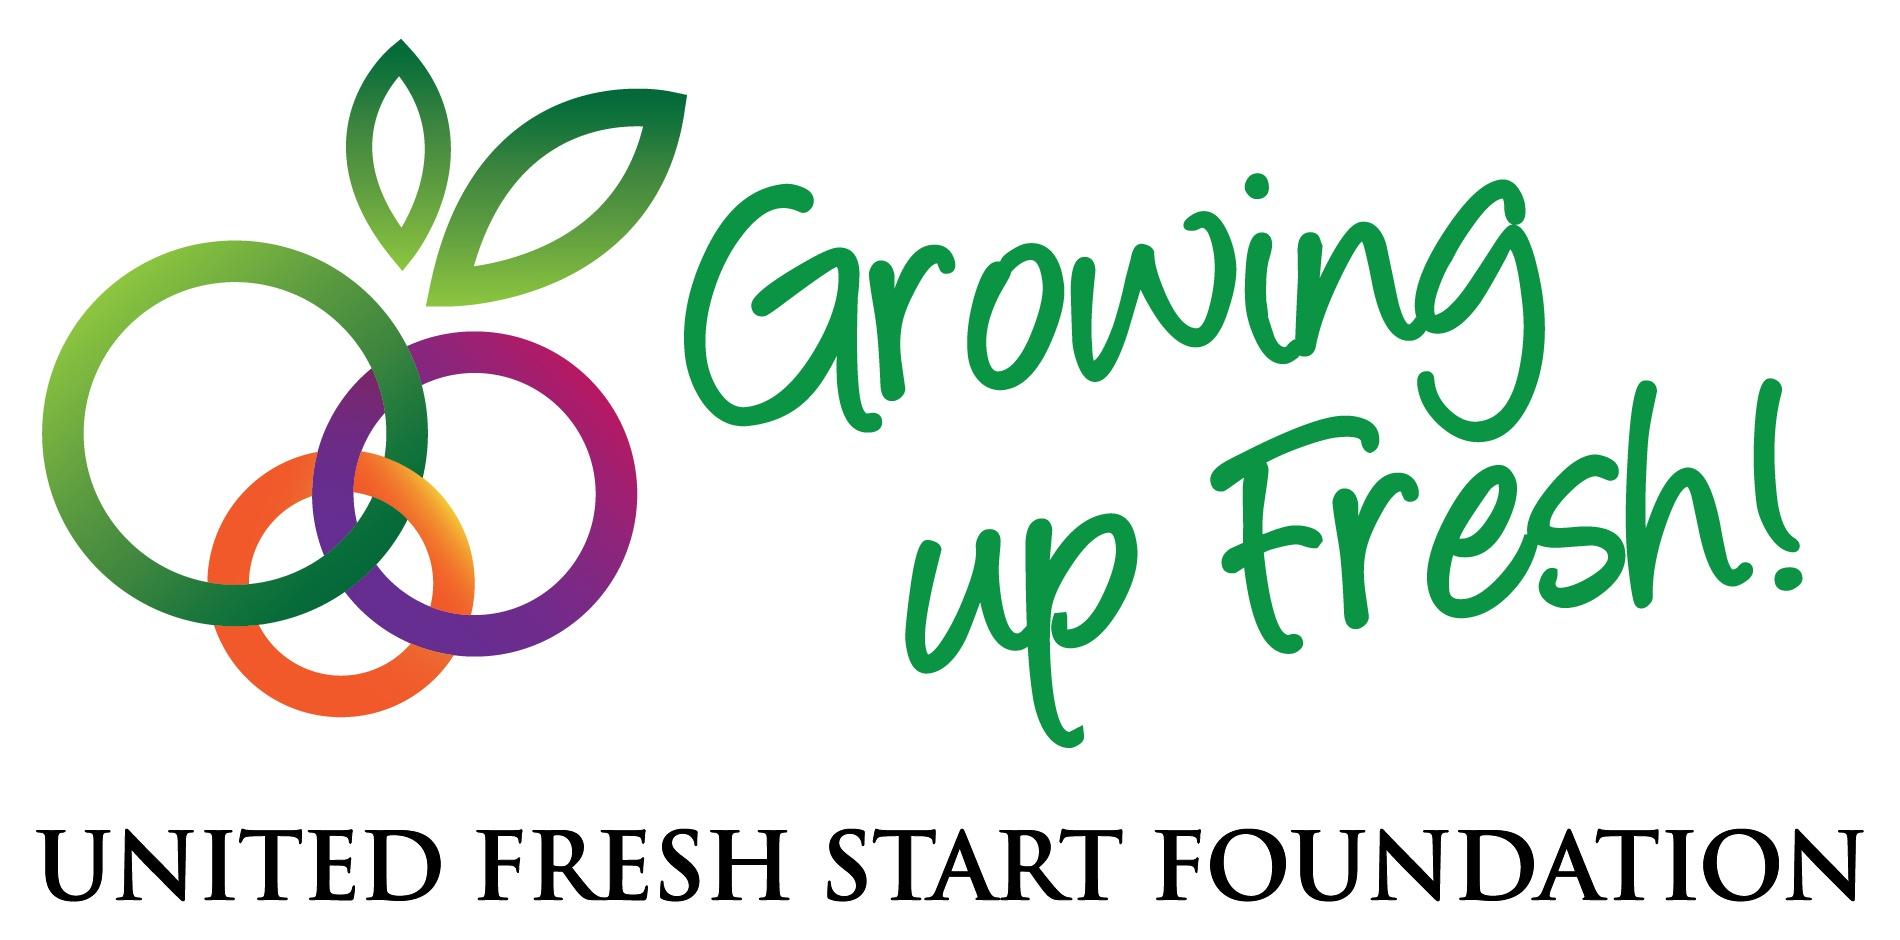 hubspot foundation logo.jpg